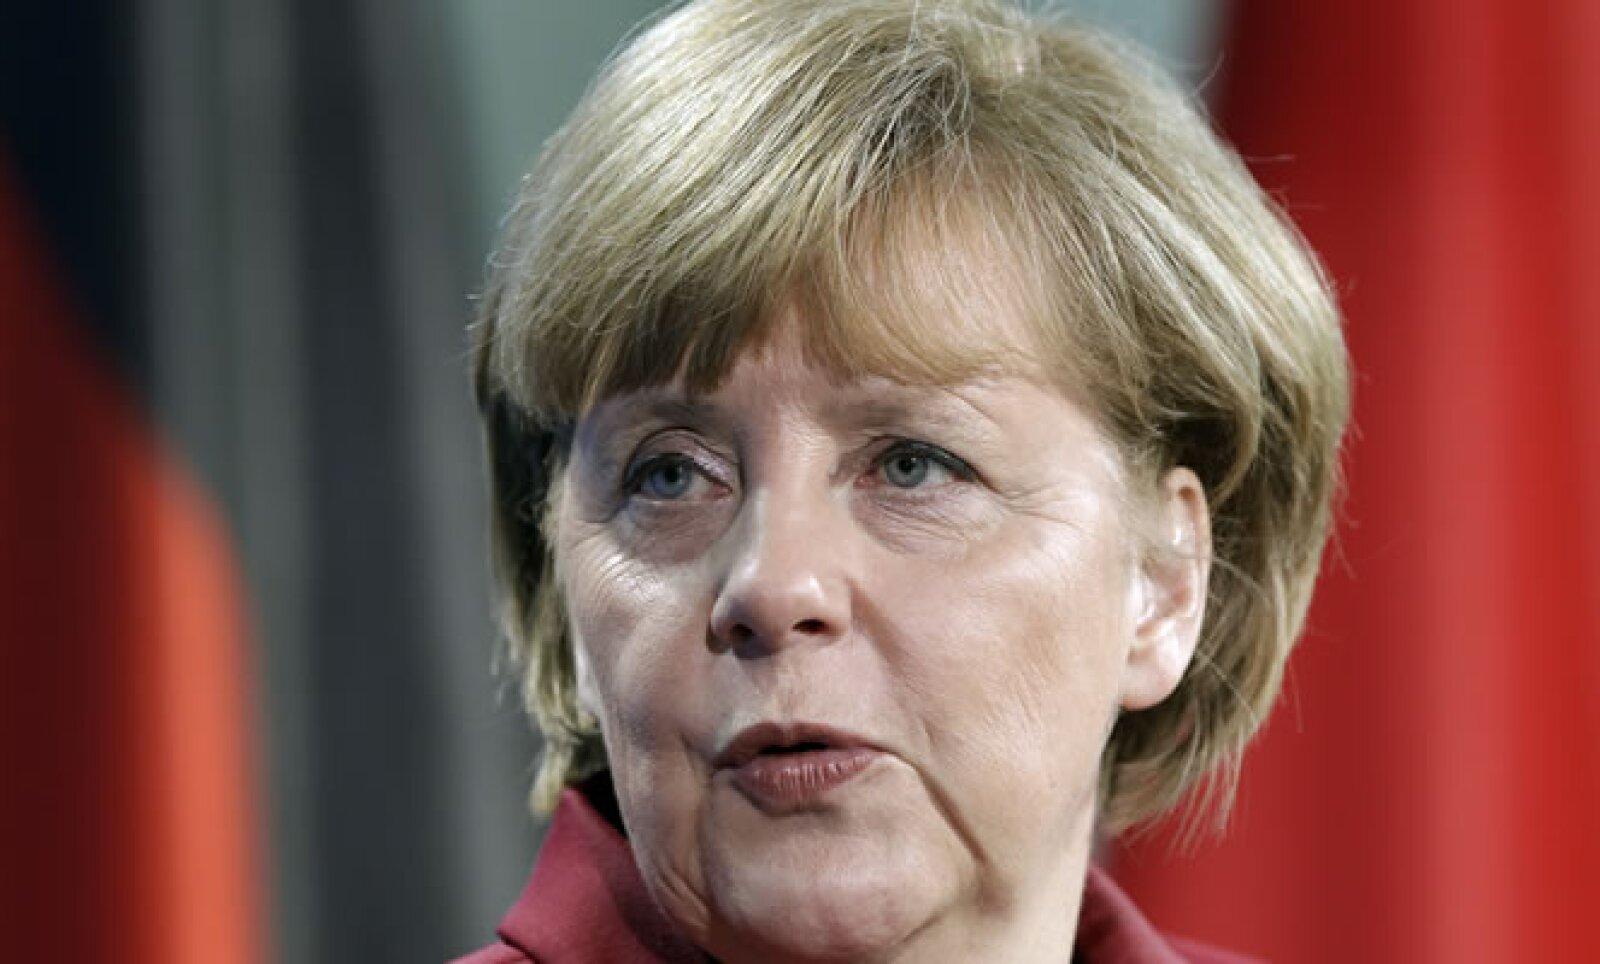 Canciller de Alemania desde 2005. Está entre los funcionarios responsables de enfrentar la crisis de deuda que azota a la eurozona. Este año busca su reelección al frente del país más poderoso del bloque monetario.